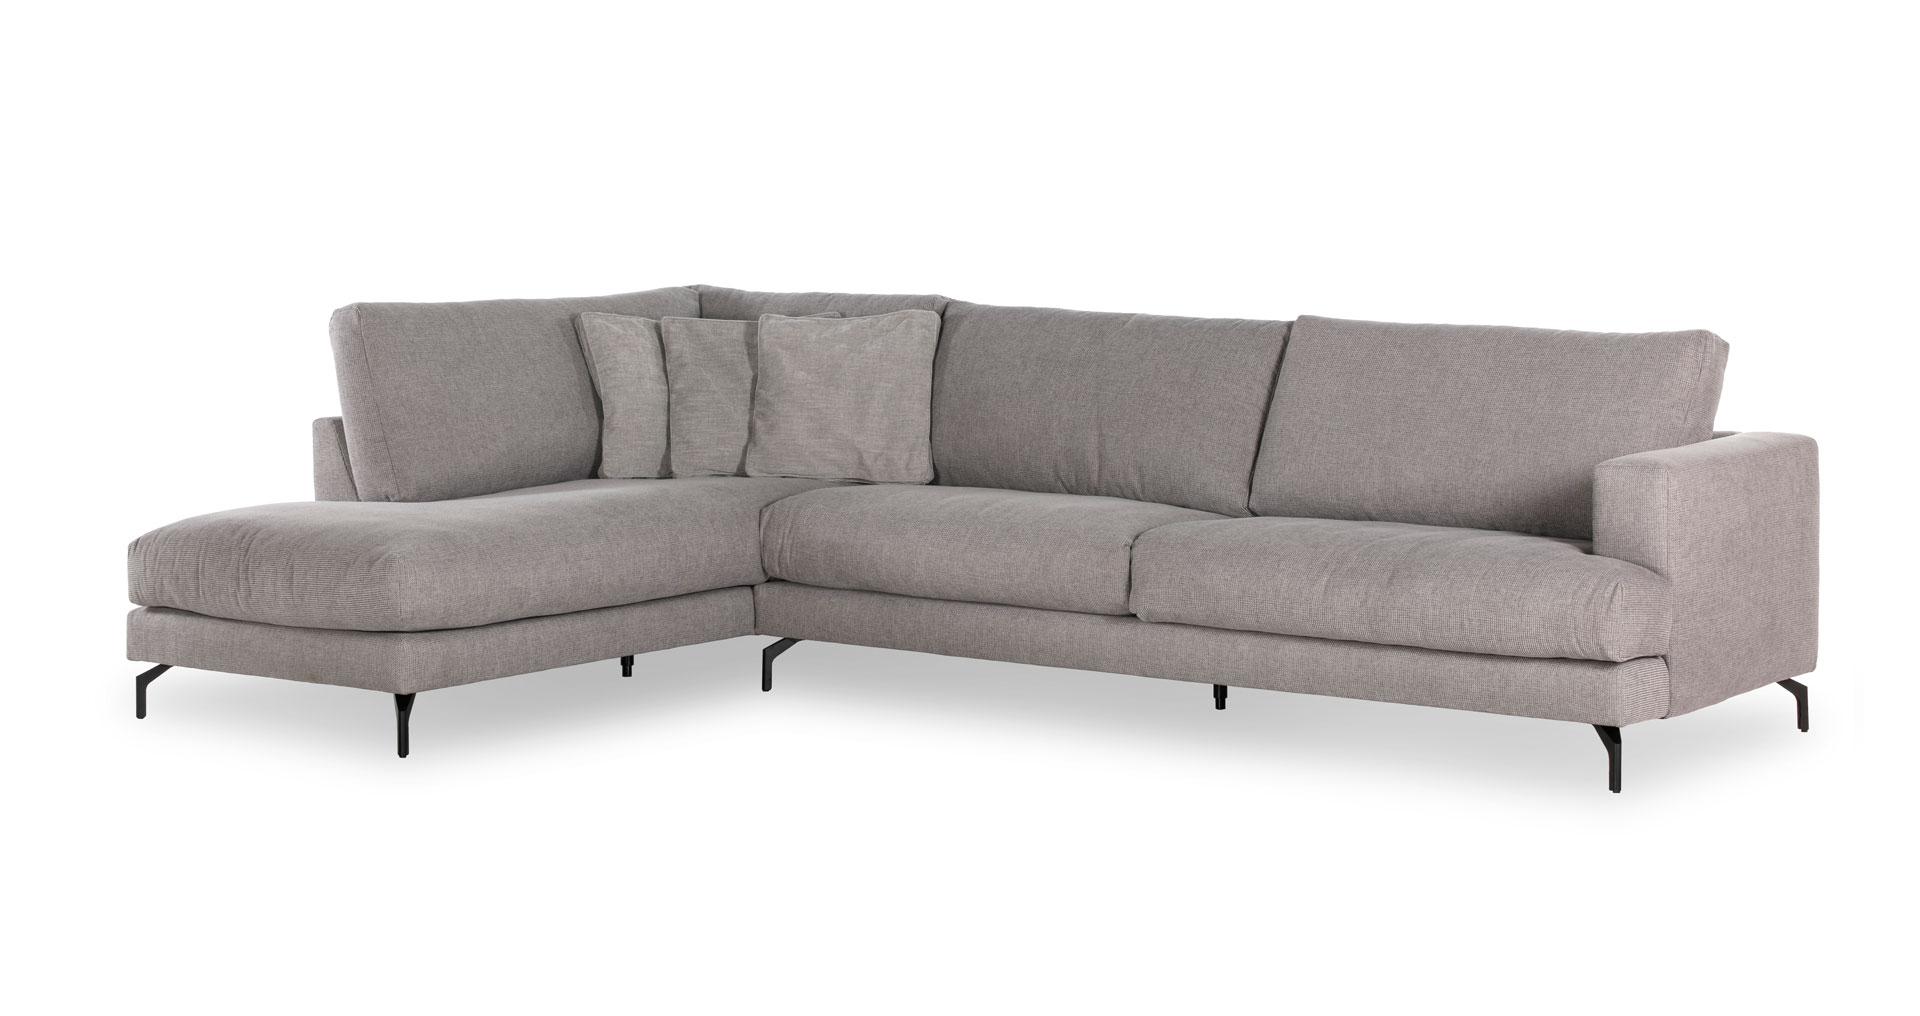 """ספה פינתית לומינור צד שמאל 350 ס""""מ בגוון אפור ארומטי"""